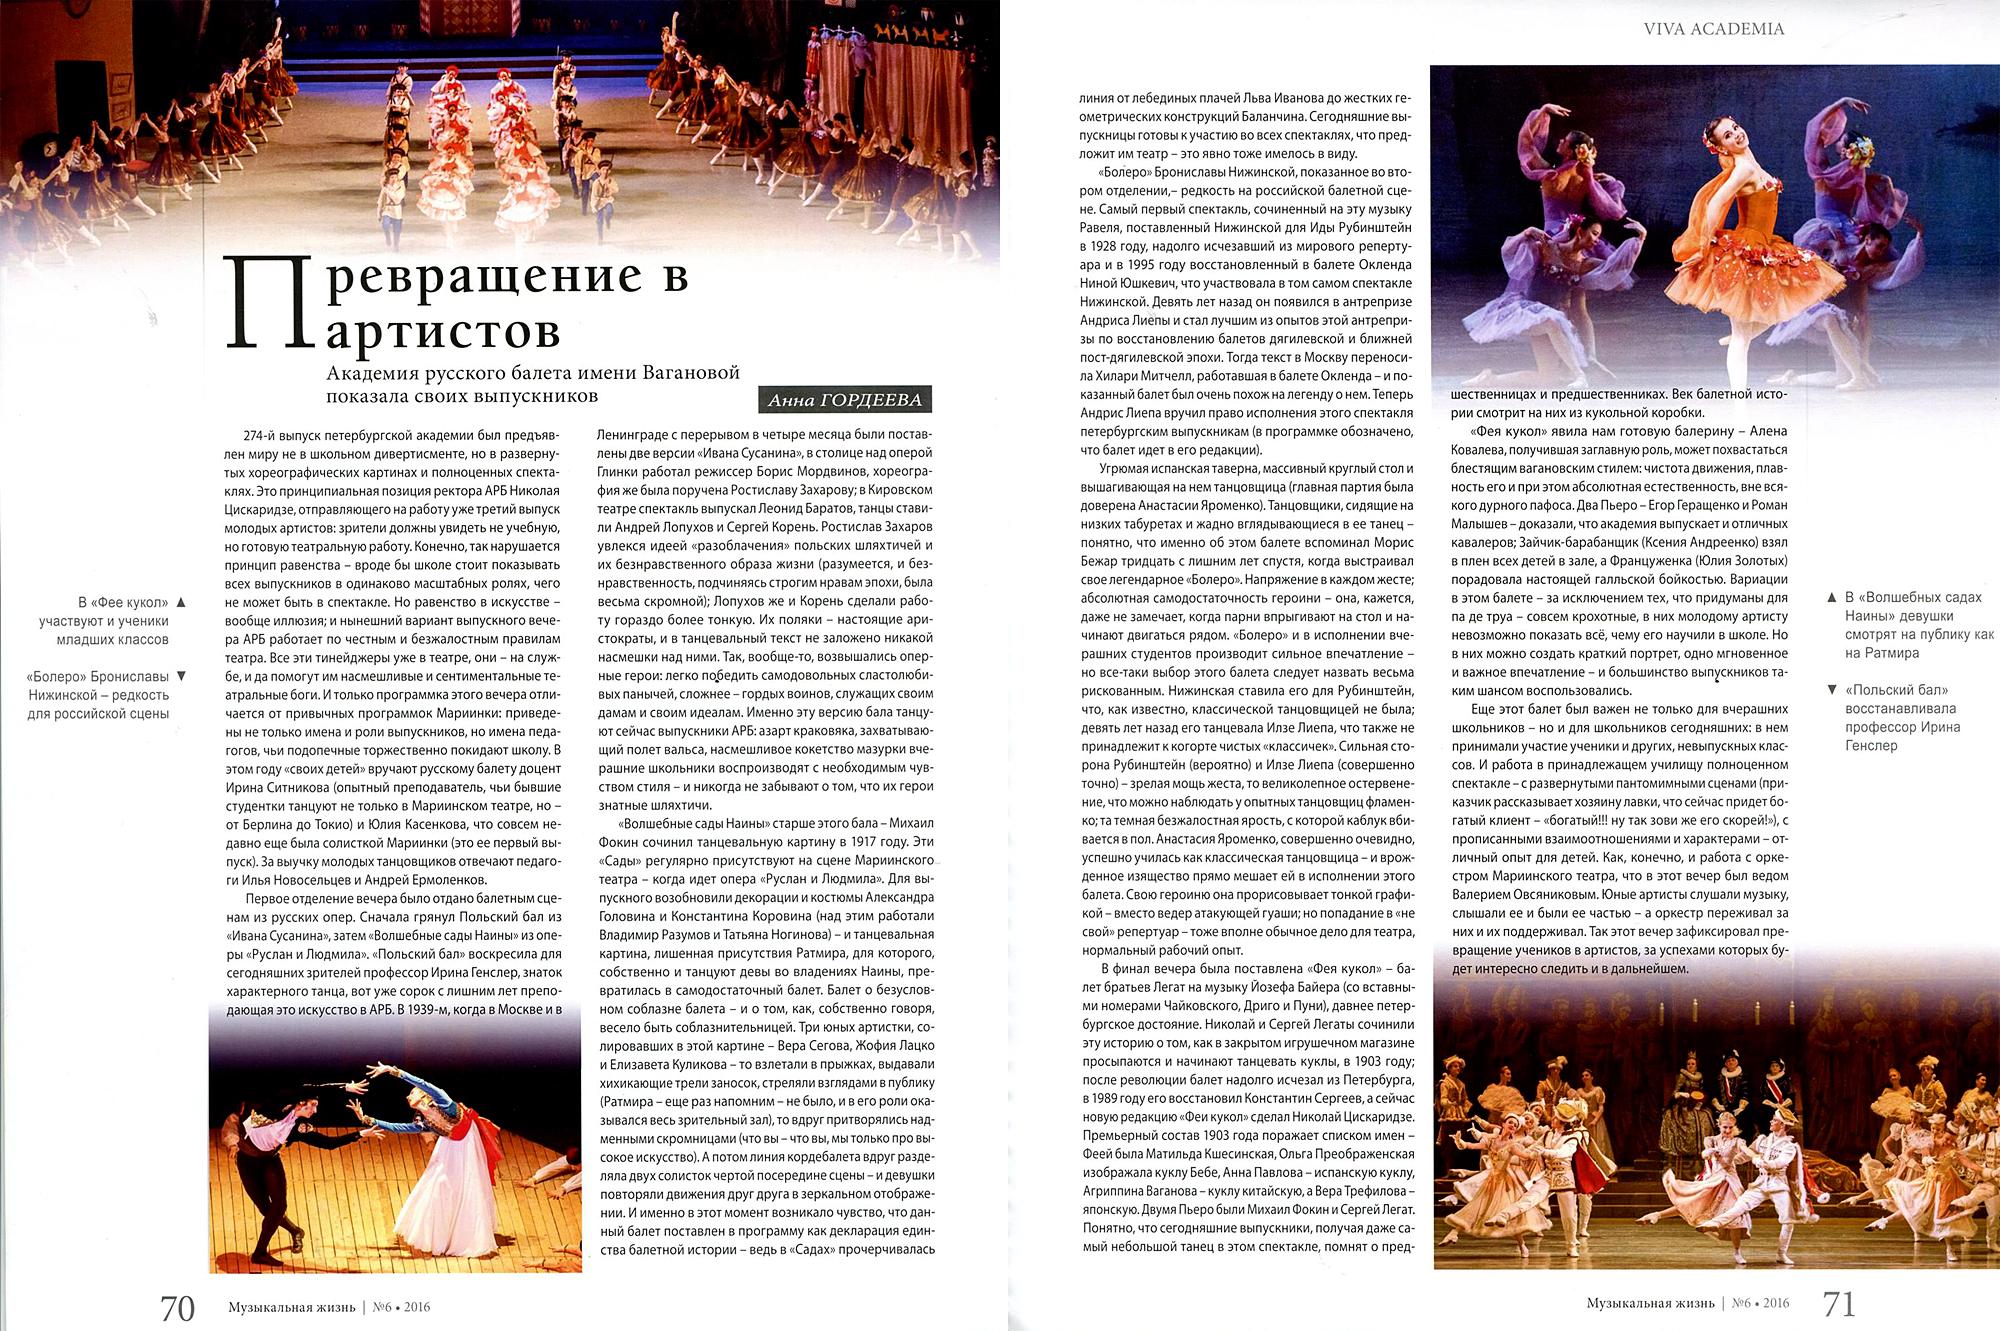 http://vaganovaacademy.ru/vaganova/press/Muz_zhizn_6.2016.jpg